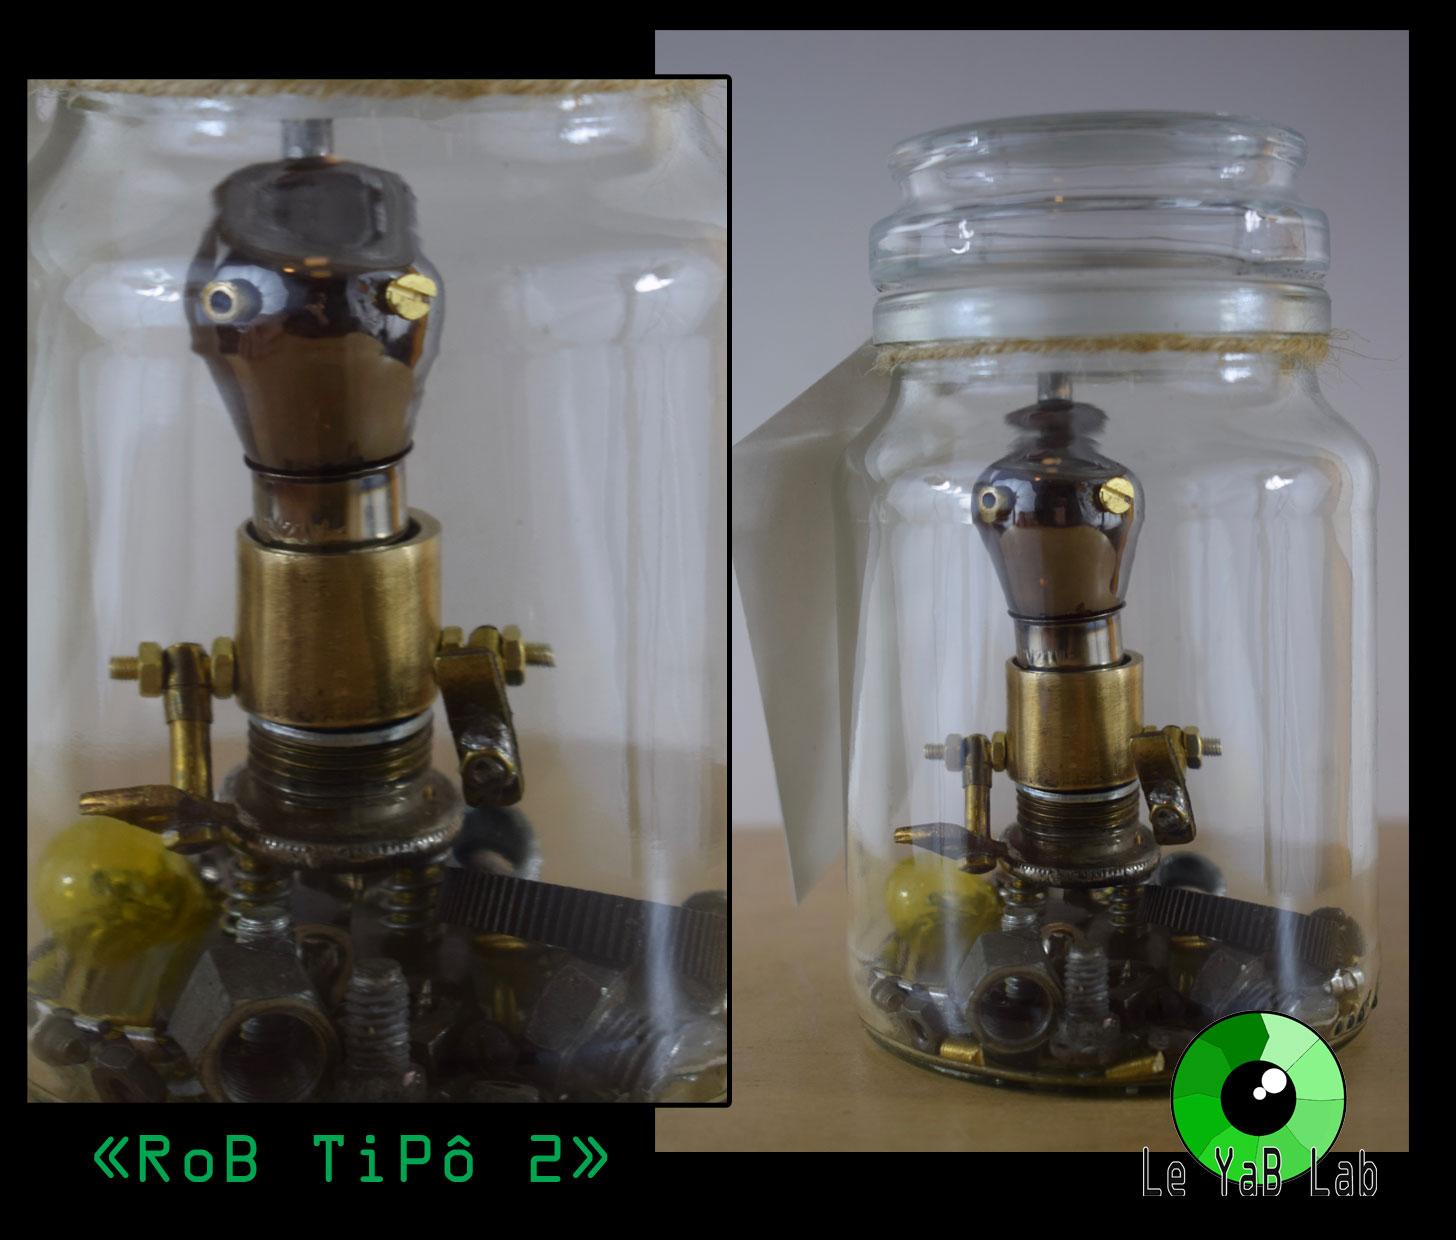 RoB-TiPot2